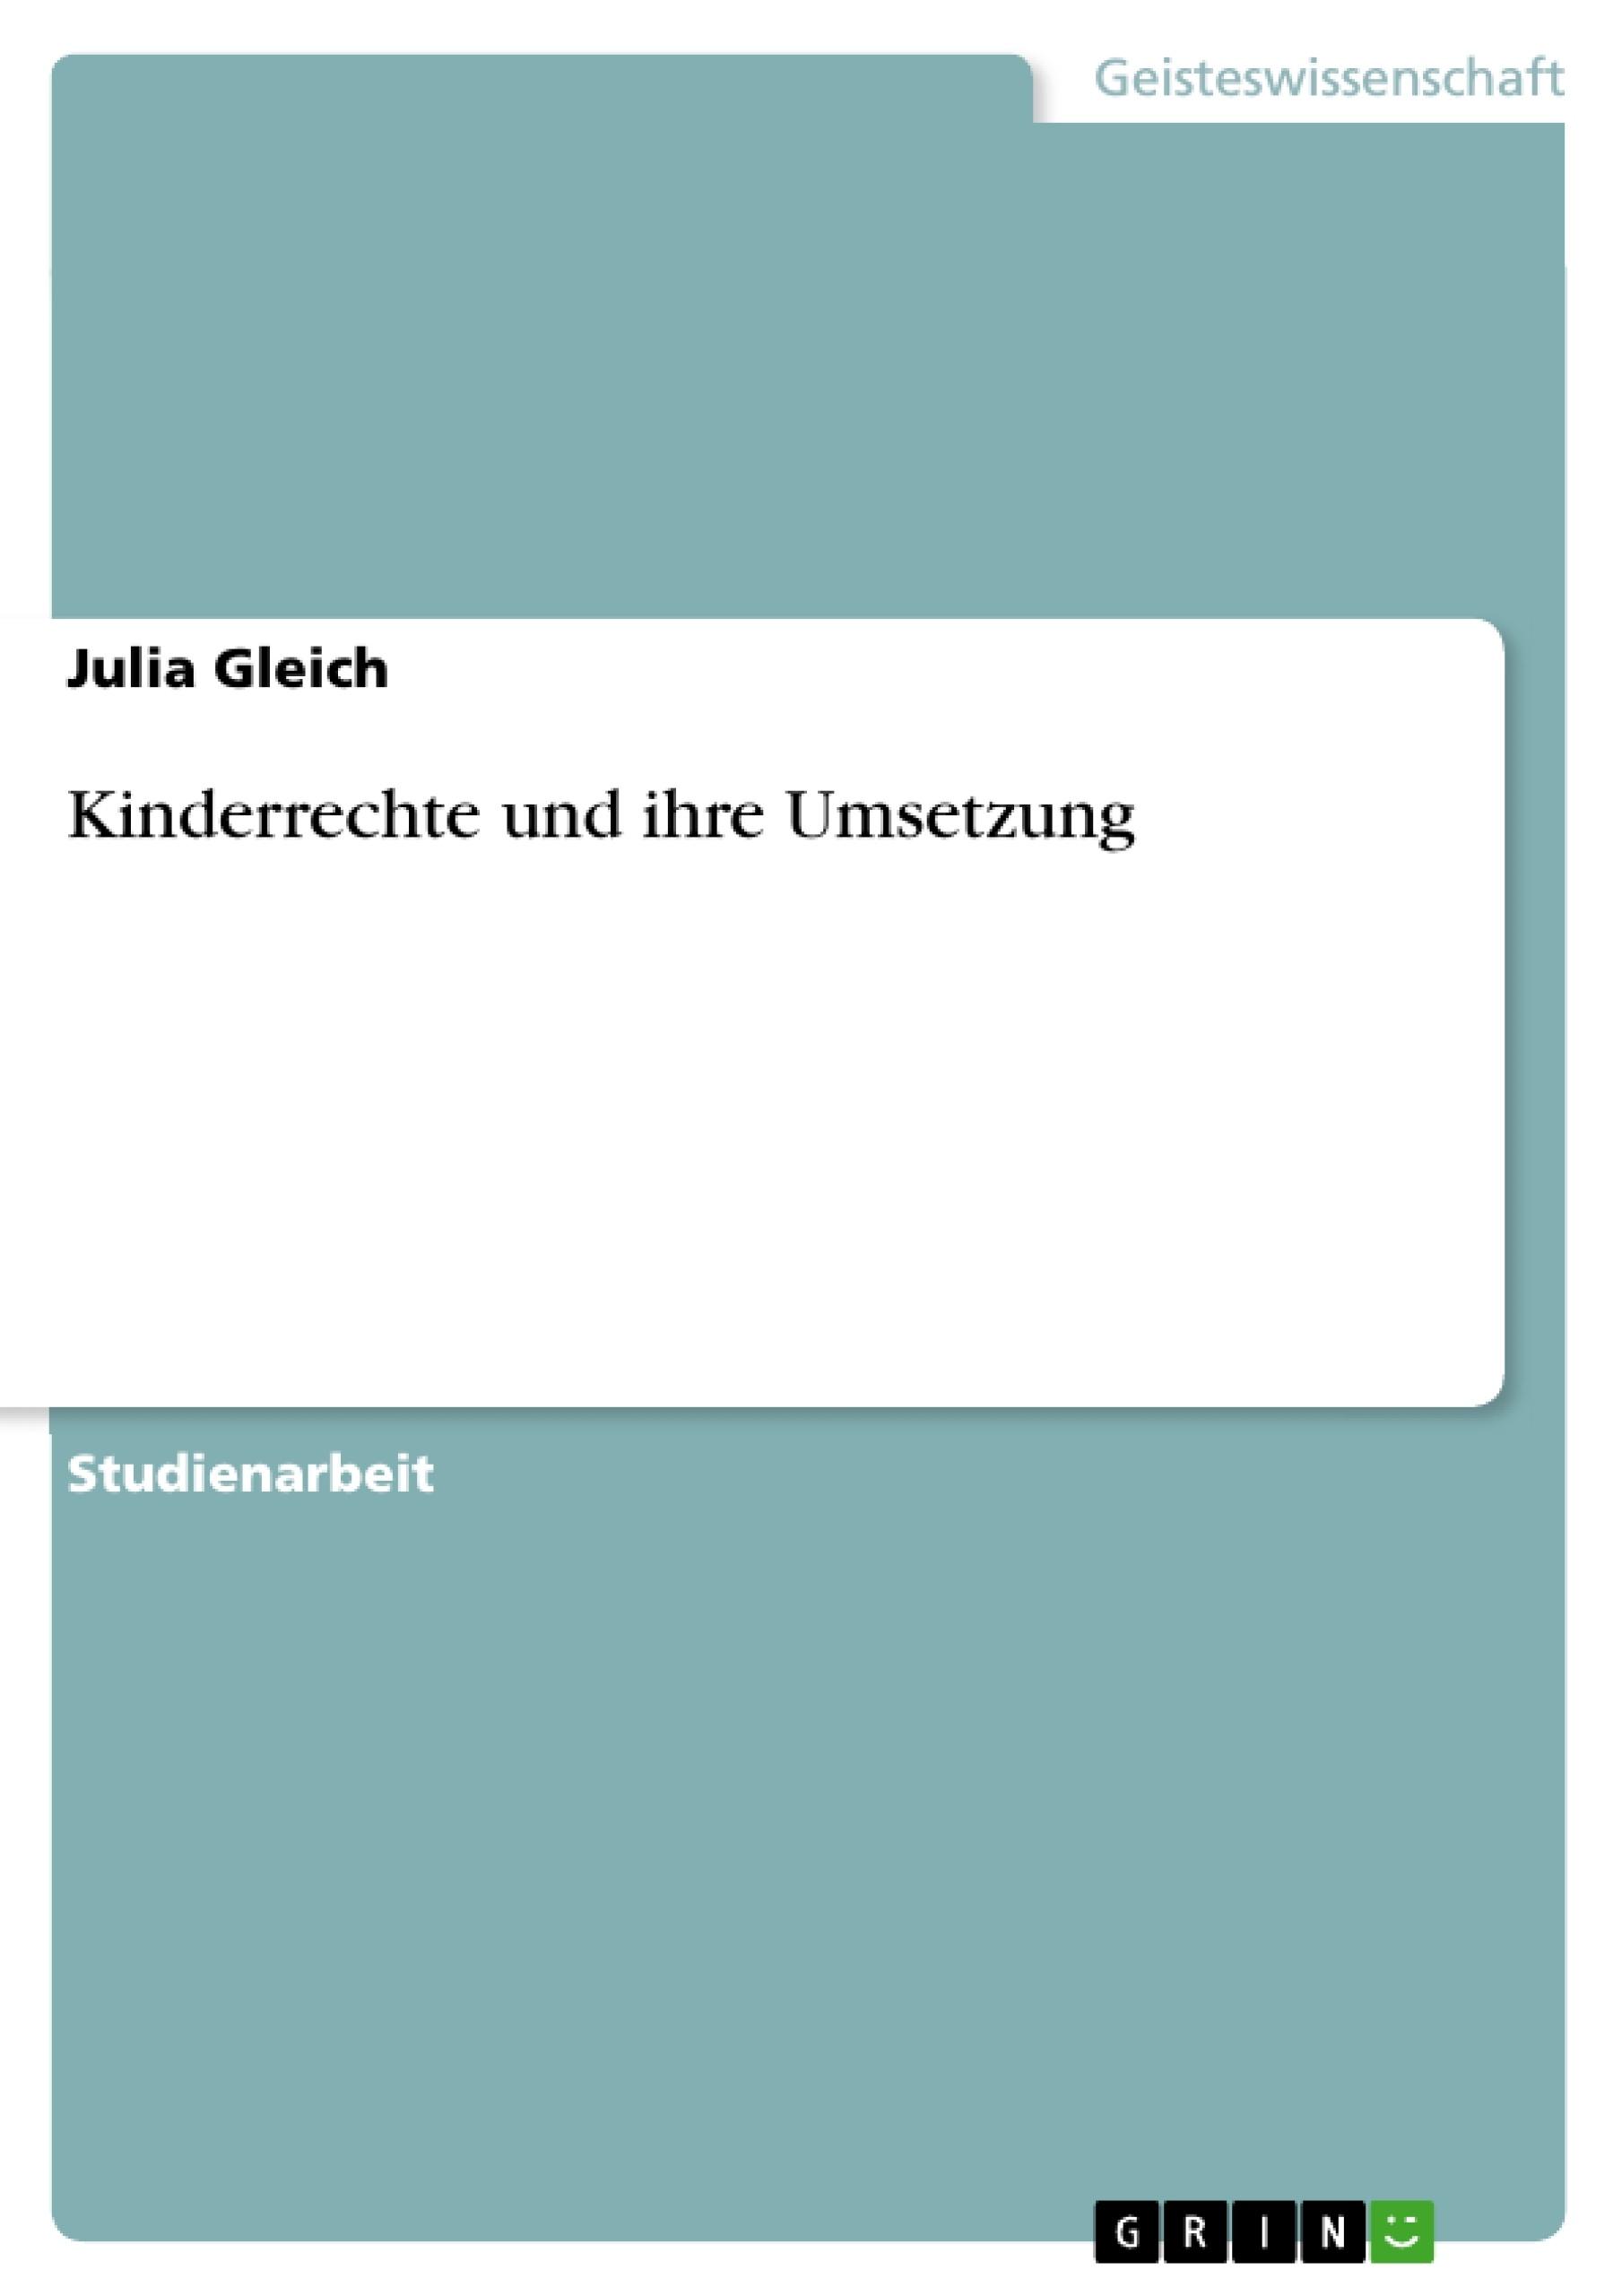 Titel: Kinderrechte und ihre Umsetzung